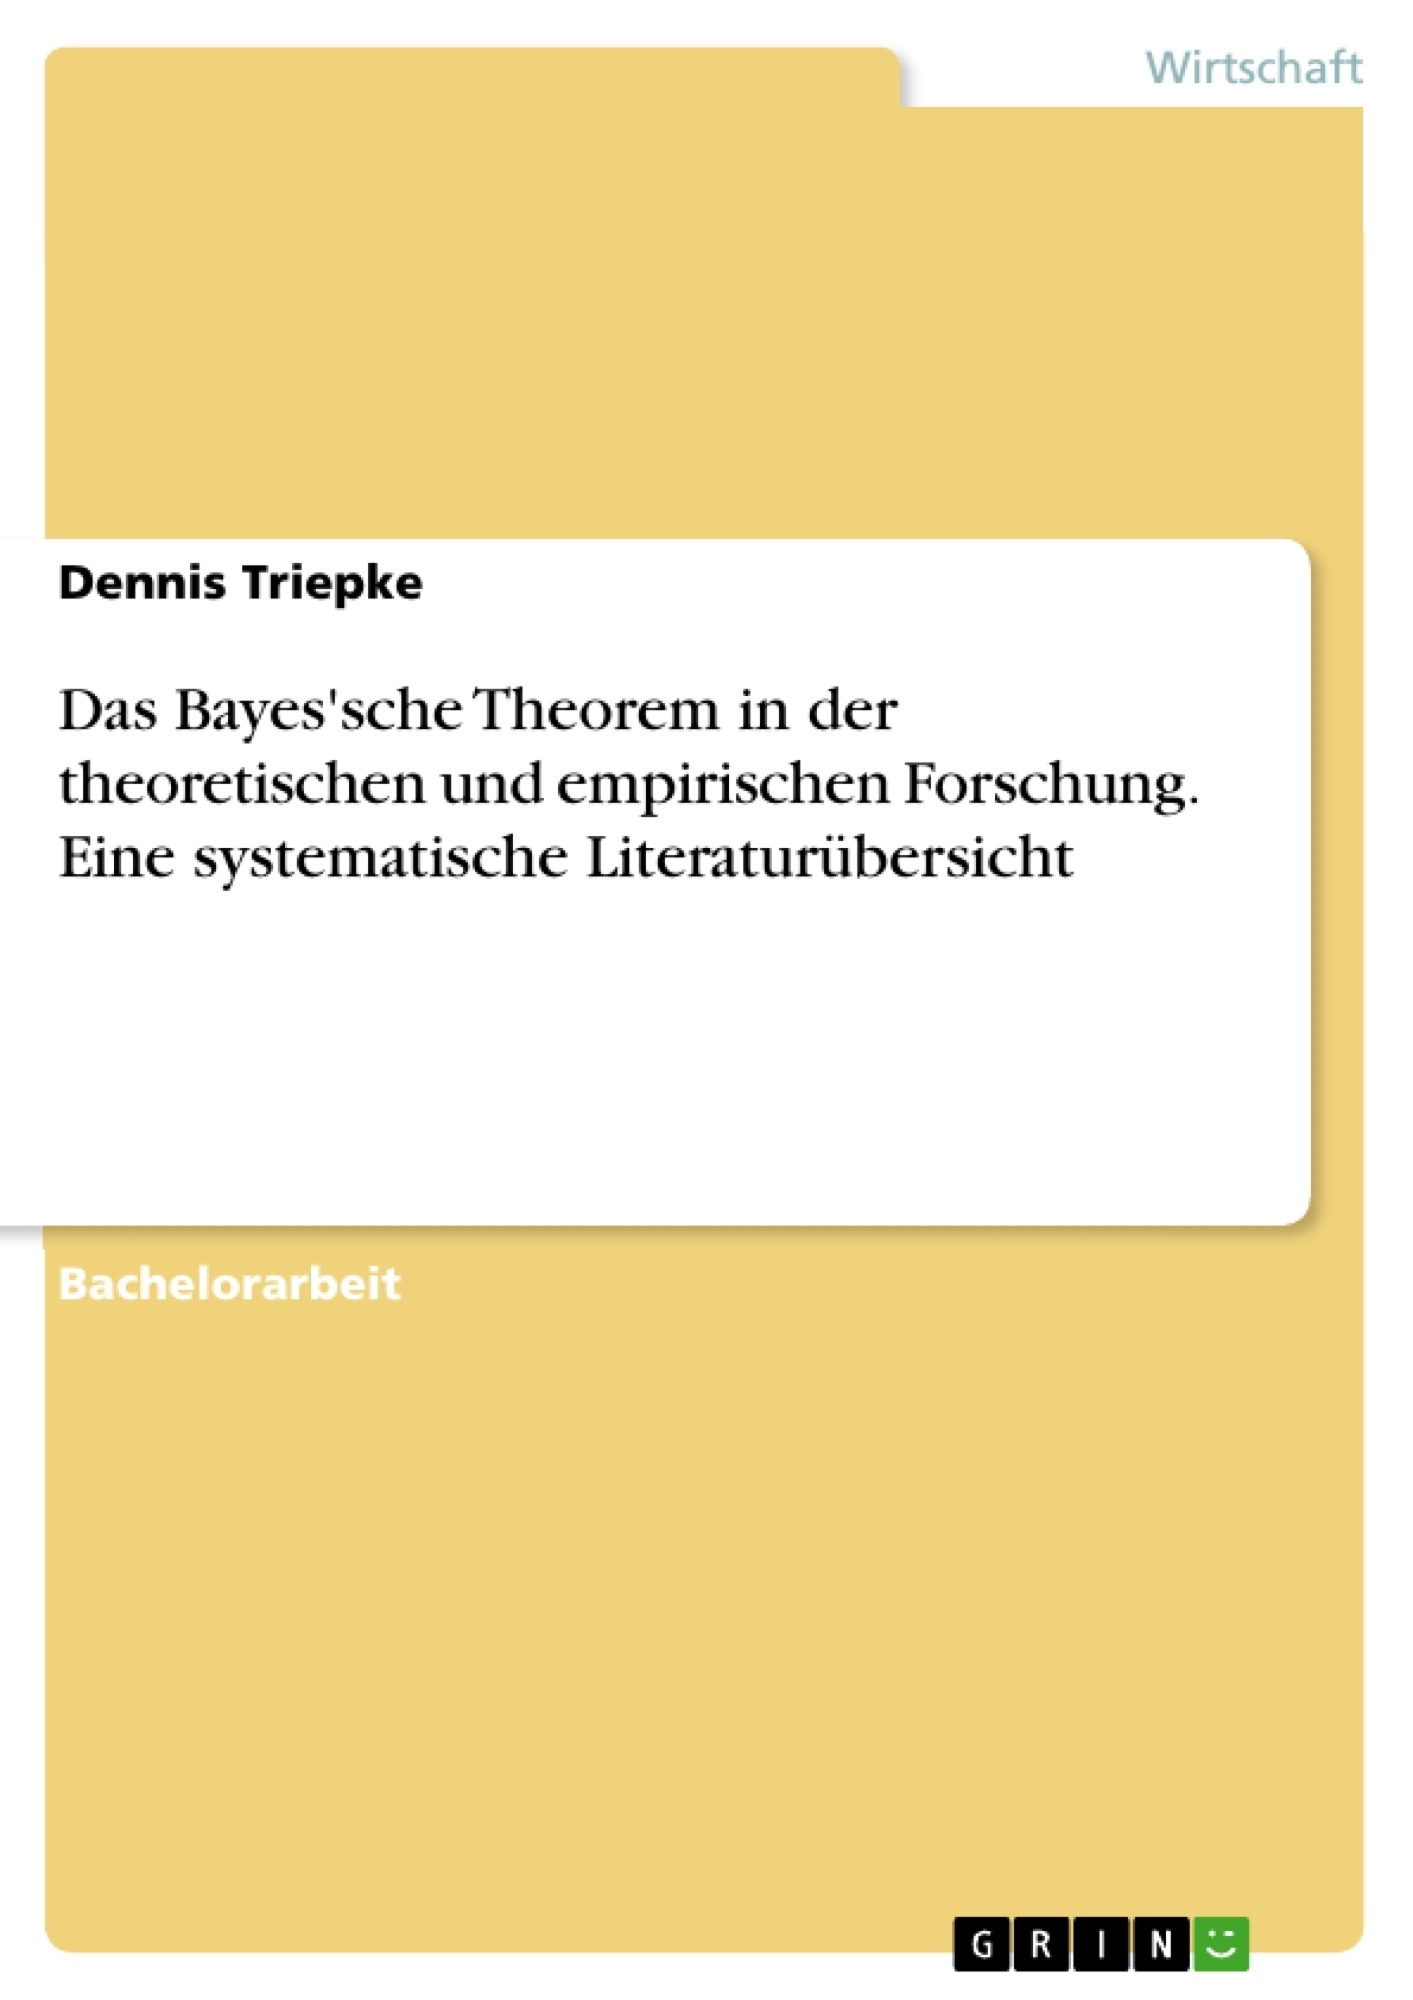 Titel: Das Bayes'sche Theorem in der theoretischen und empirischen Forschung. Eine systematische Literaturübersicht